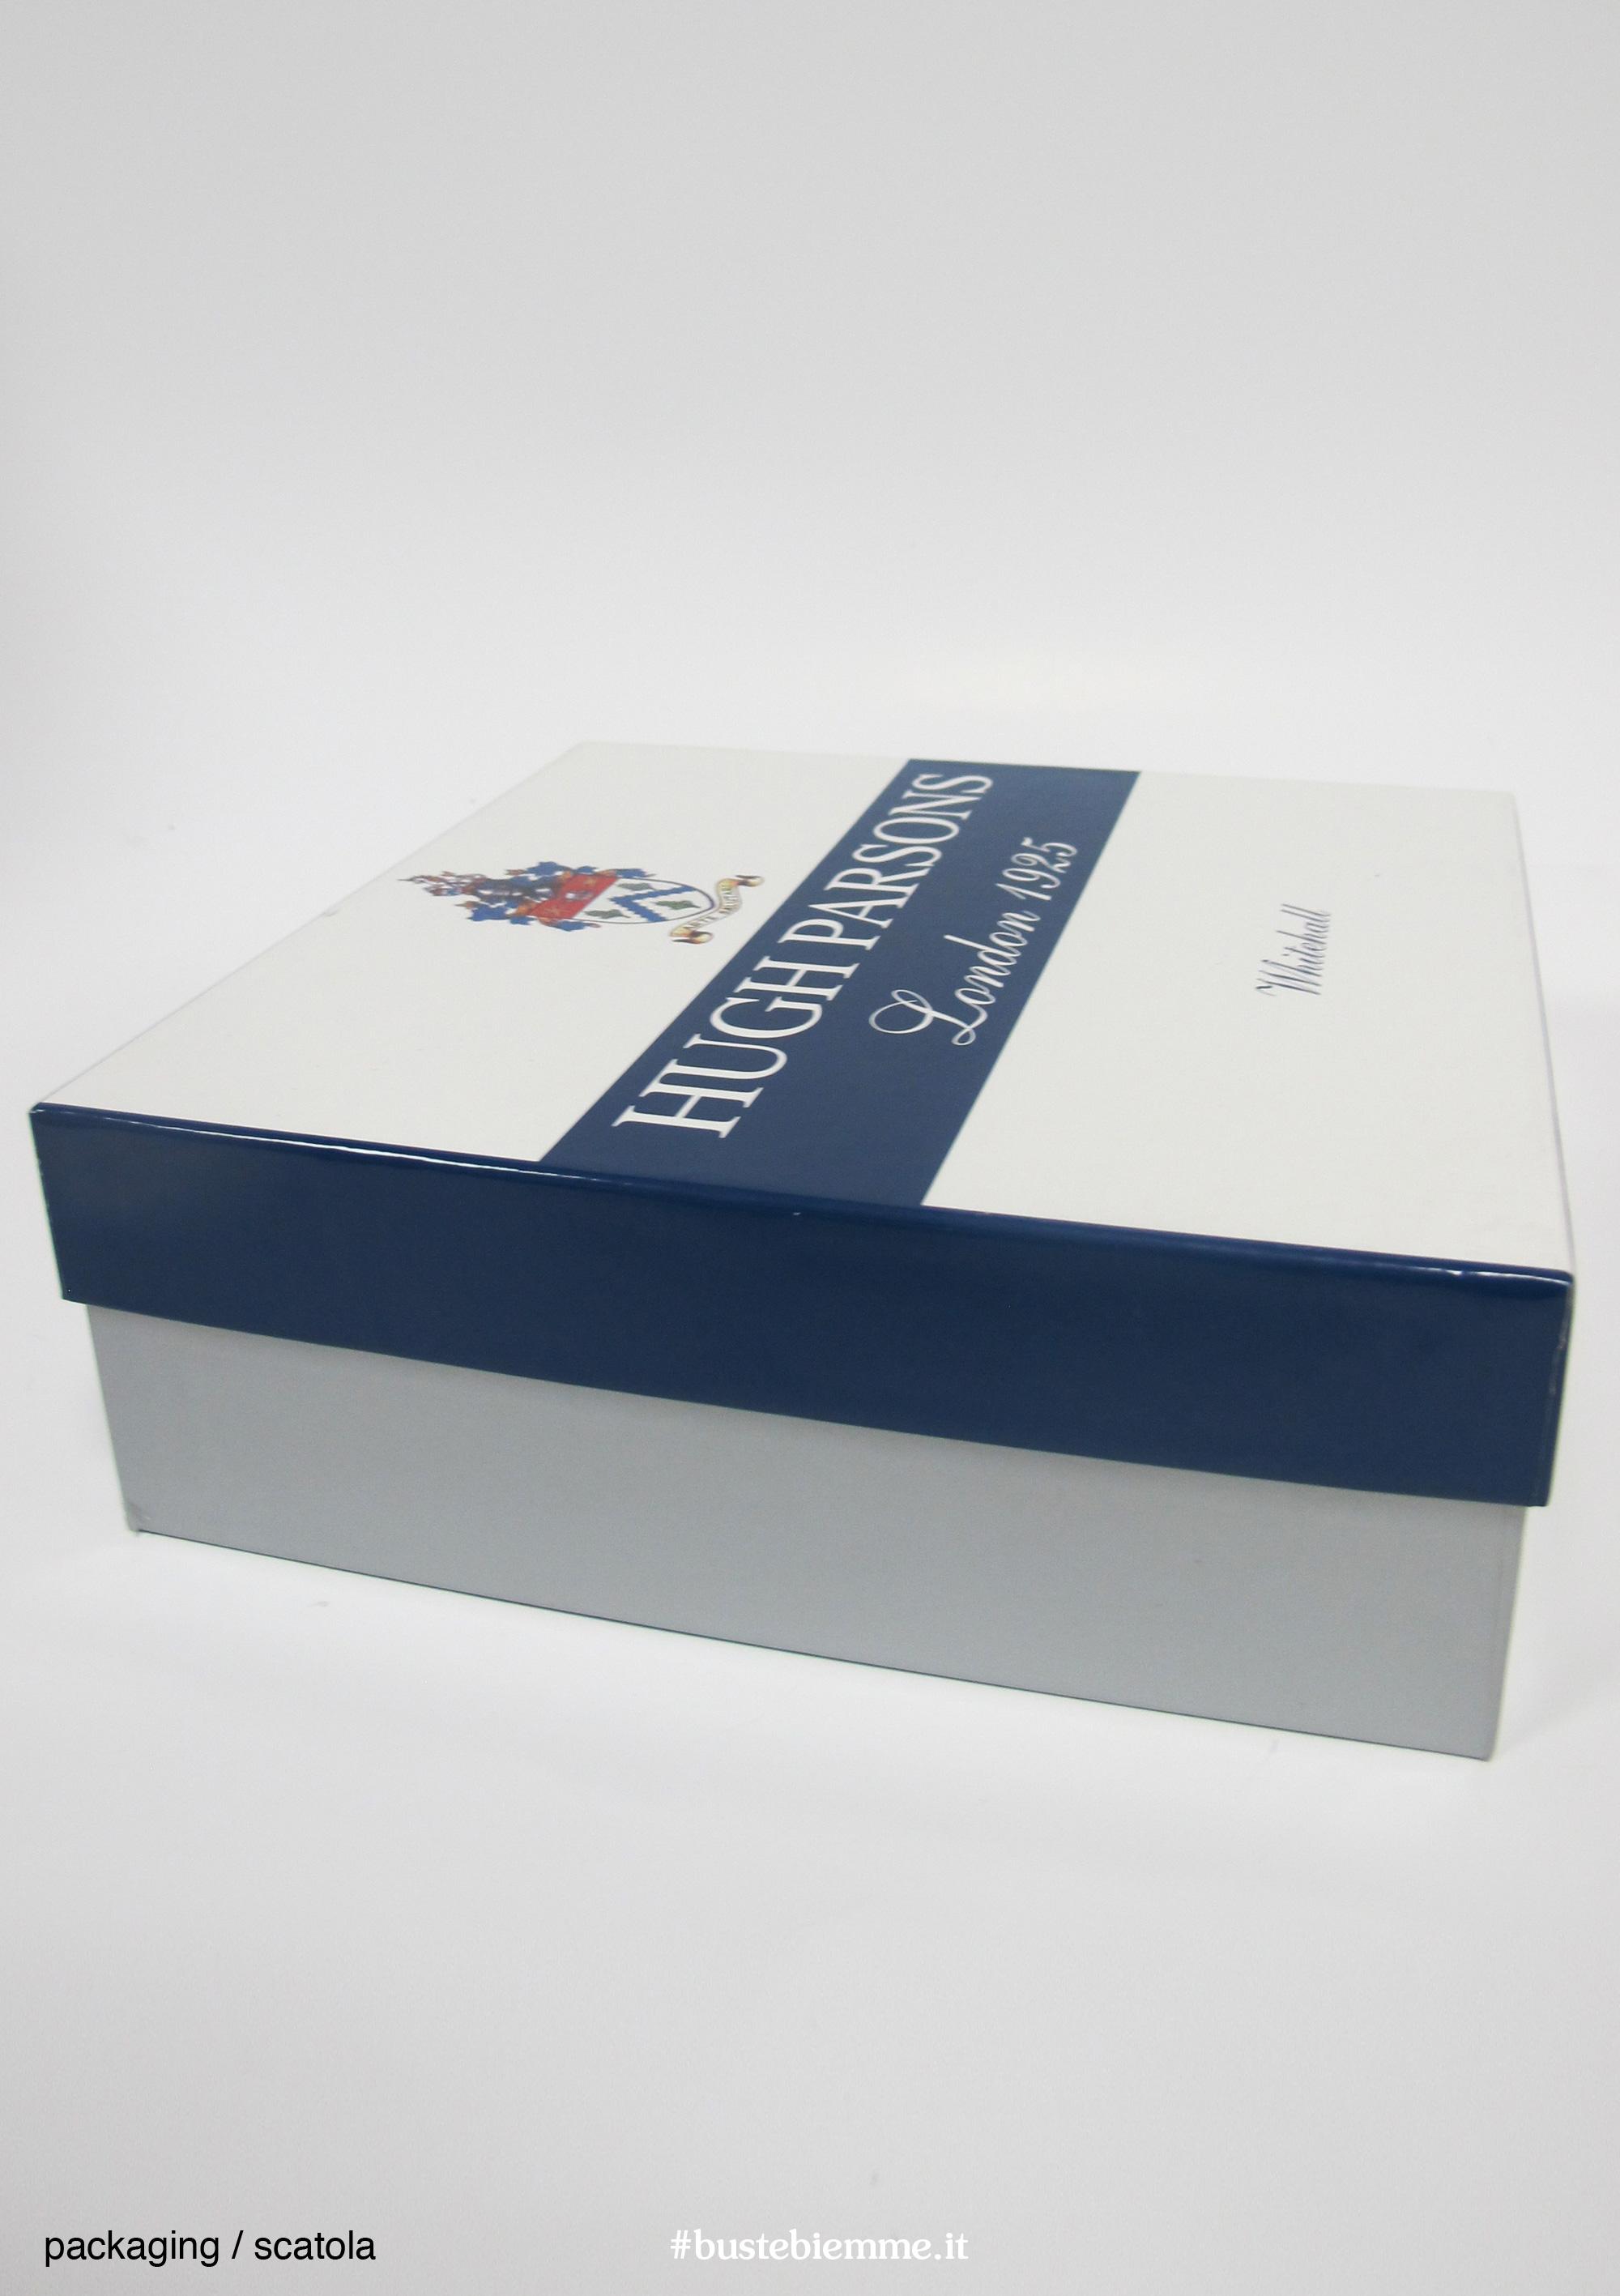 scatola rigida rivestita con coperchio